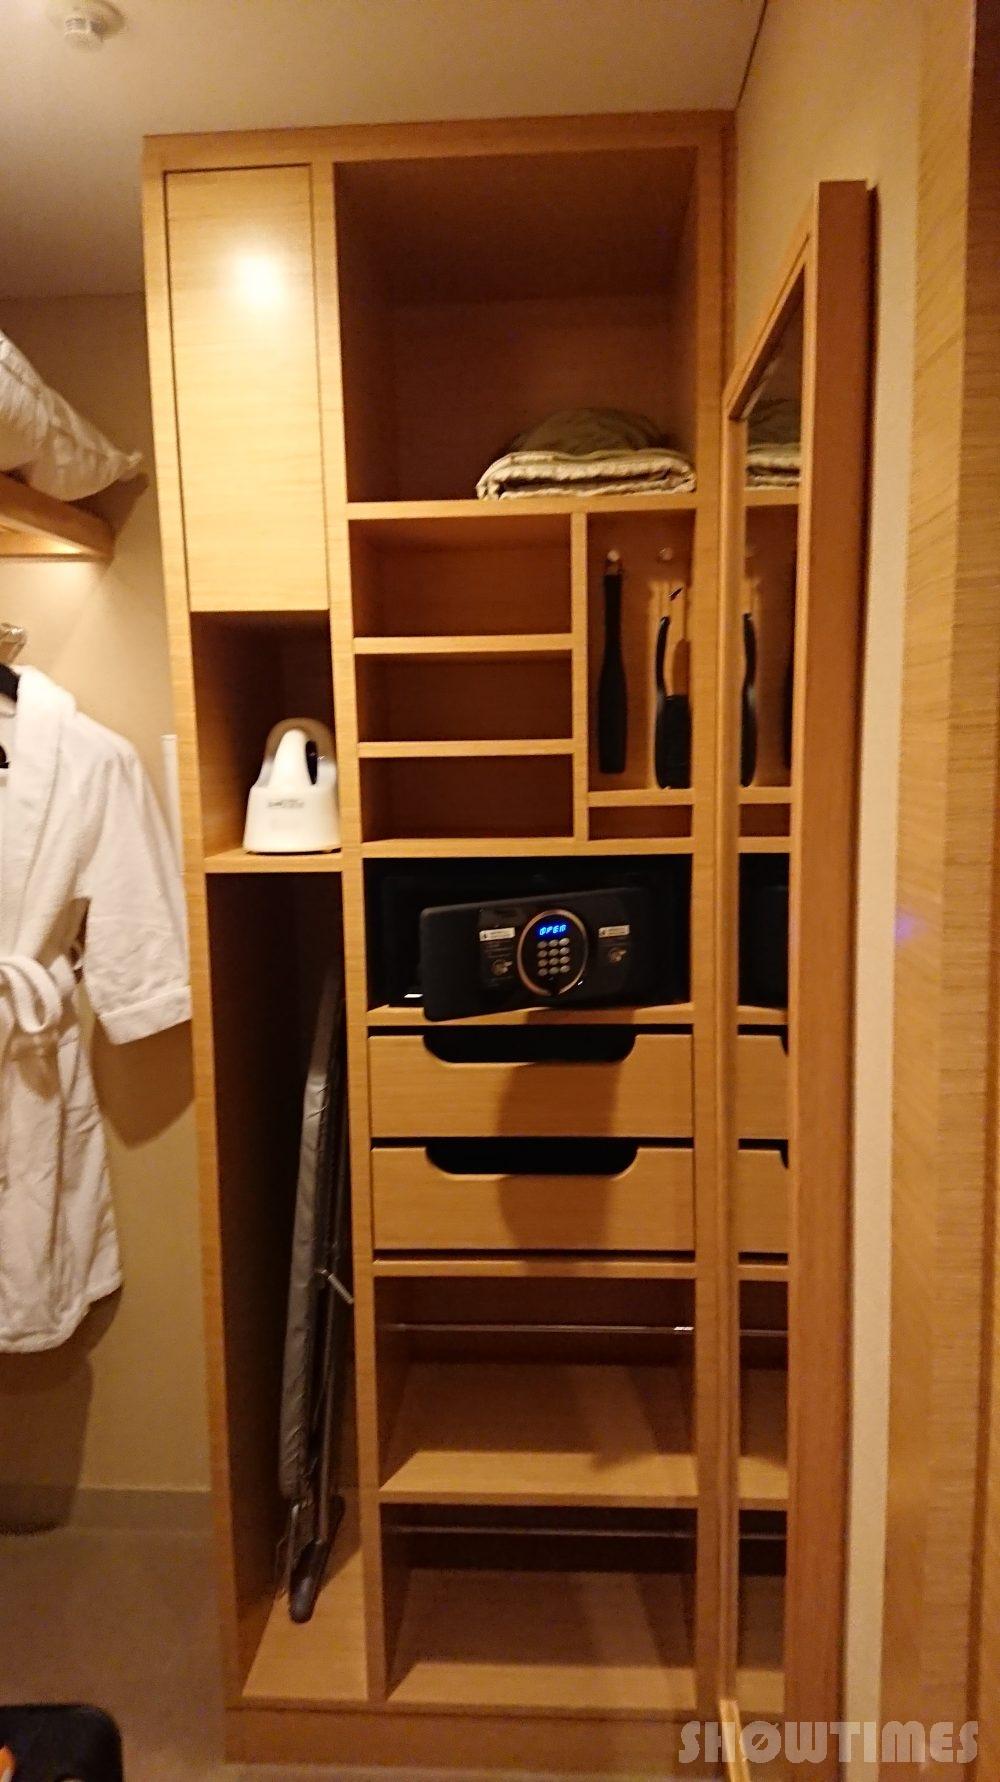 インターコンチネンタルホテル大阪デラックスダブルのウォークインクローゼット1